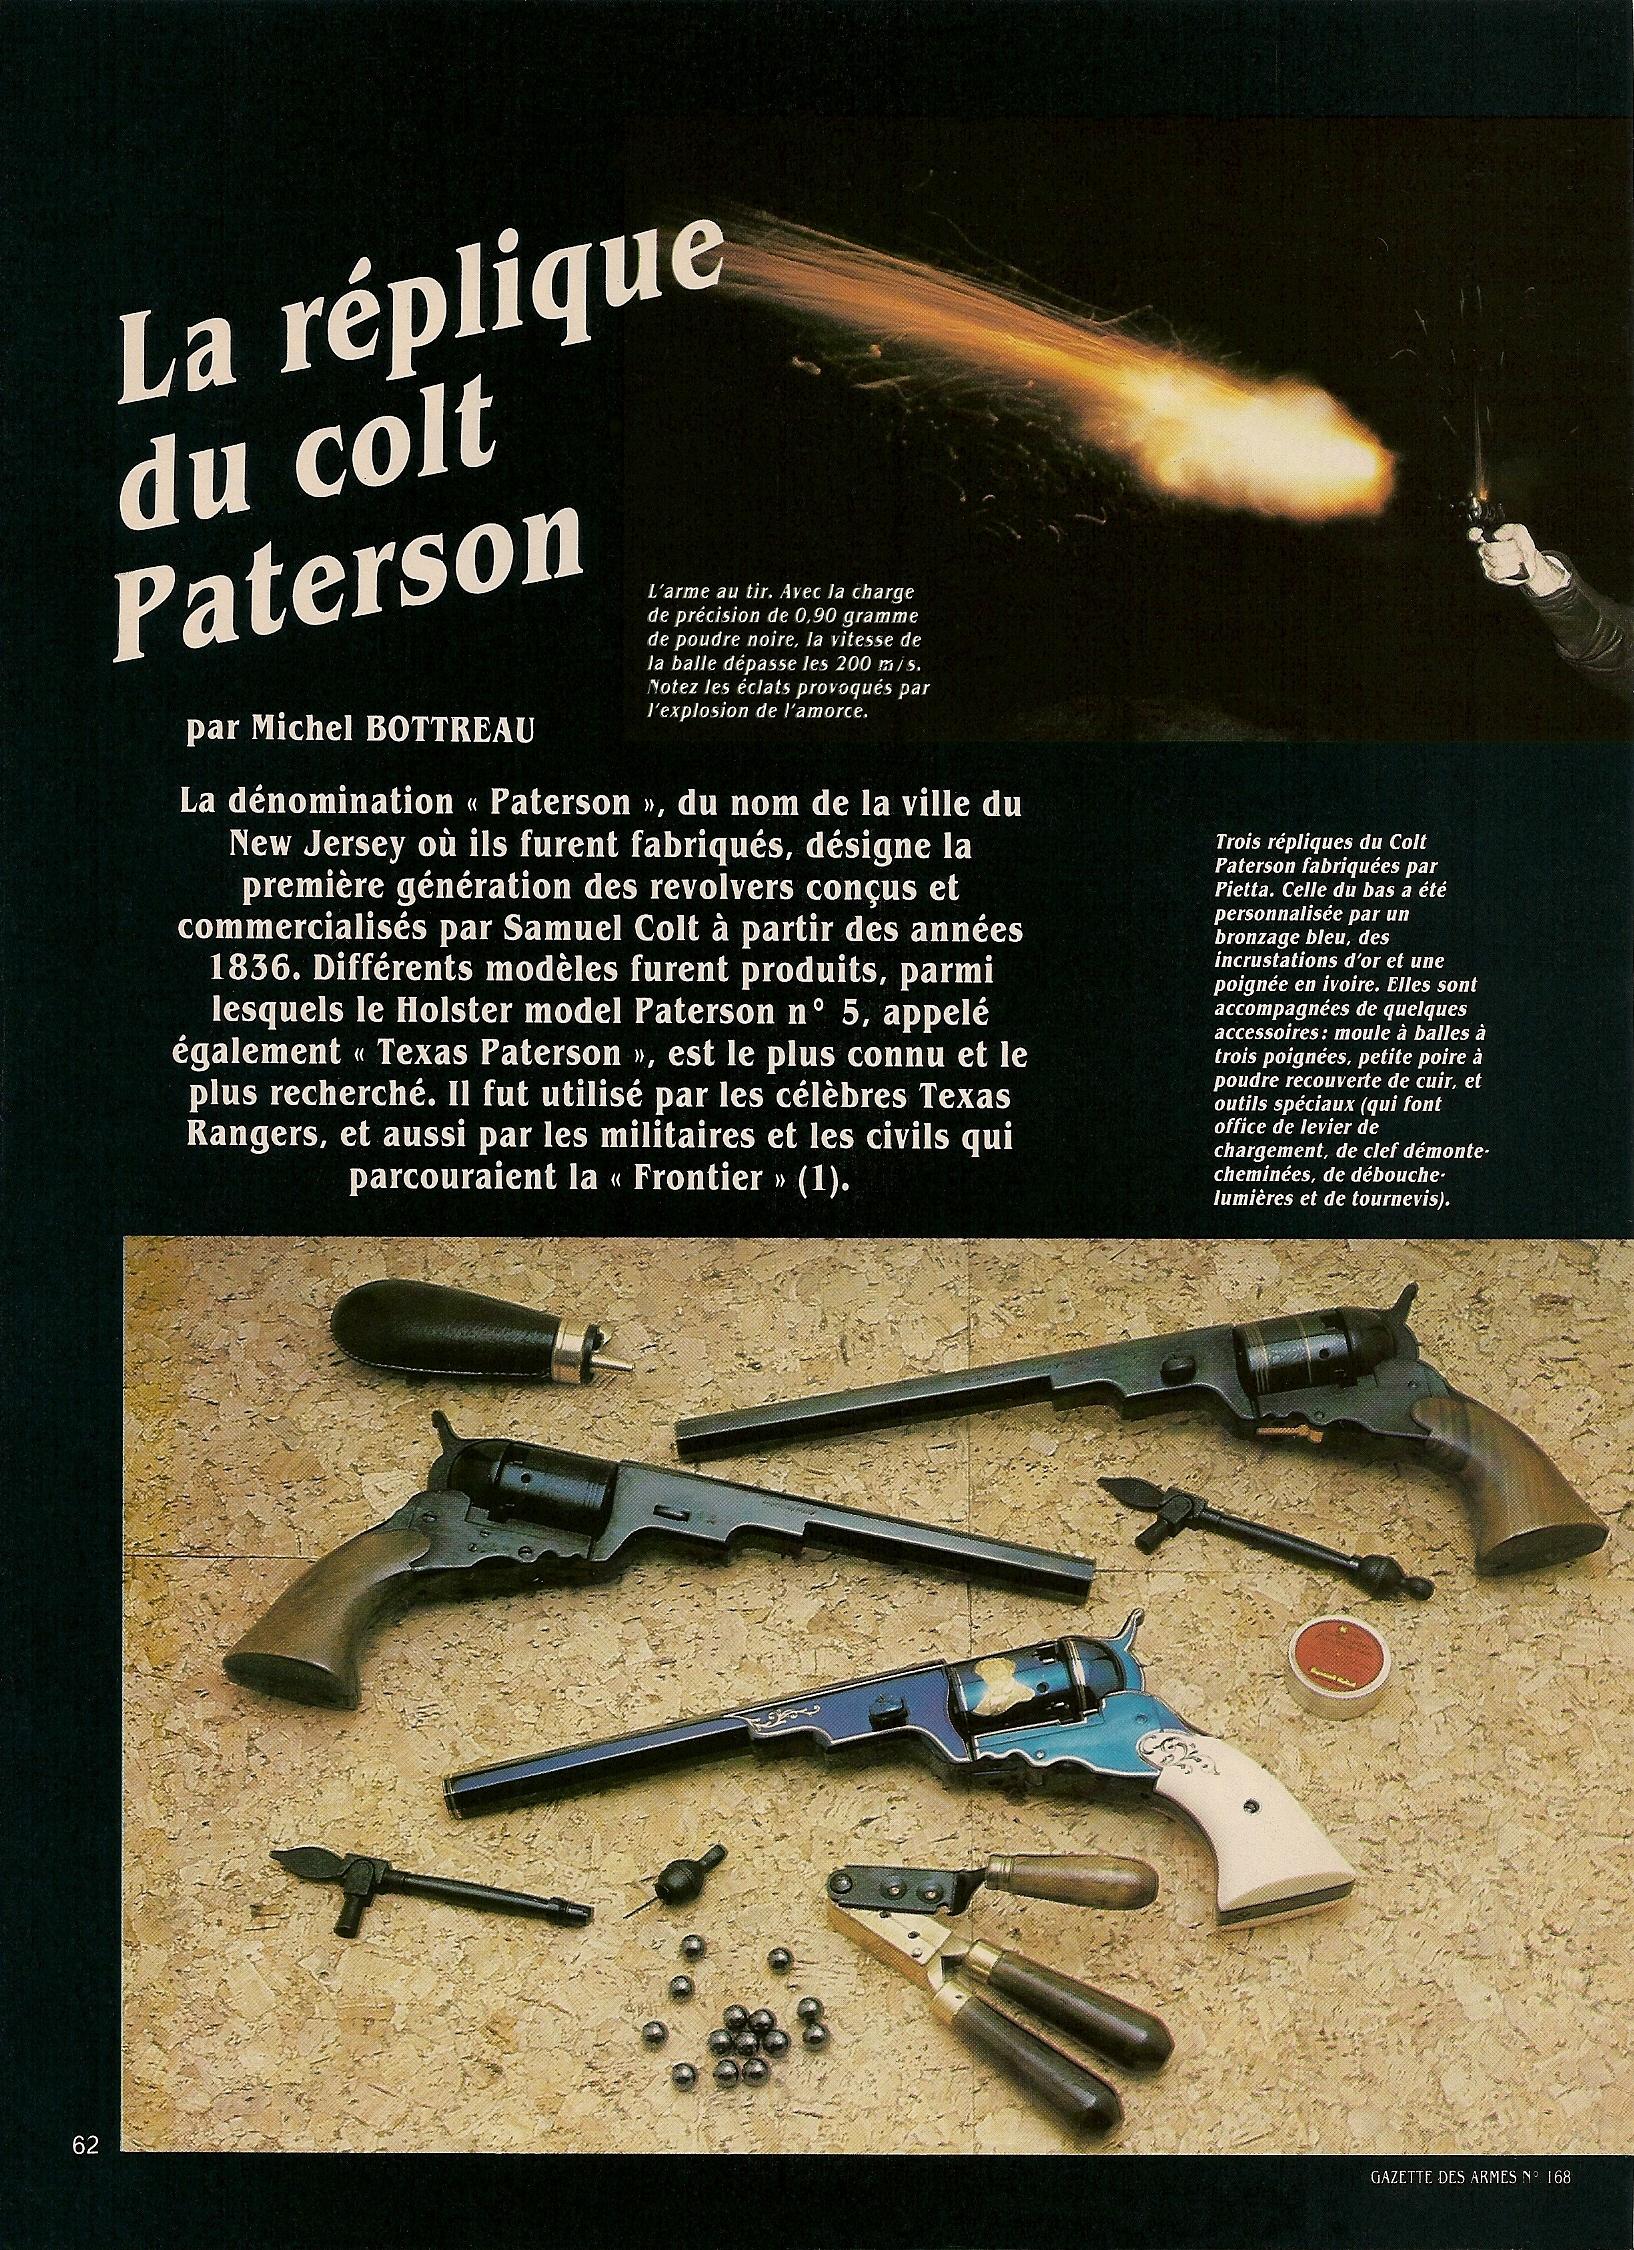 Ces trois répliques du Colt Texas Paterson fabriquées par Pietta sont accompagnées par des accessoires qui leur sont spécifiques : un moule à balle à trois poignées et deux outils à usage multiple qui font office de levier de chargement, de clef démonte-cheminées, de débouche-lumière et de tournevis.